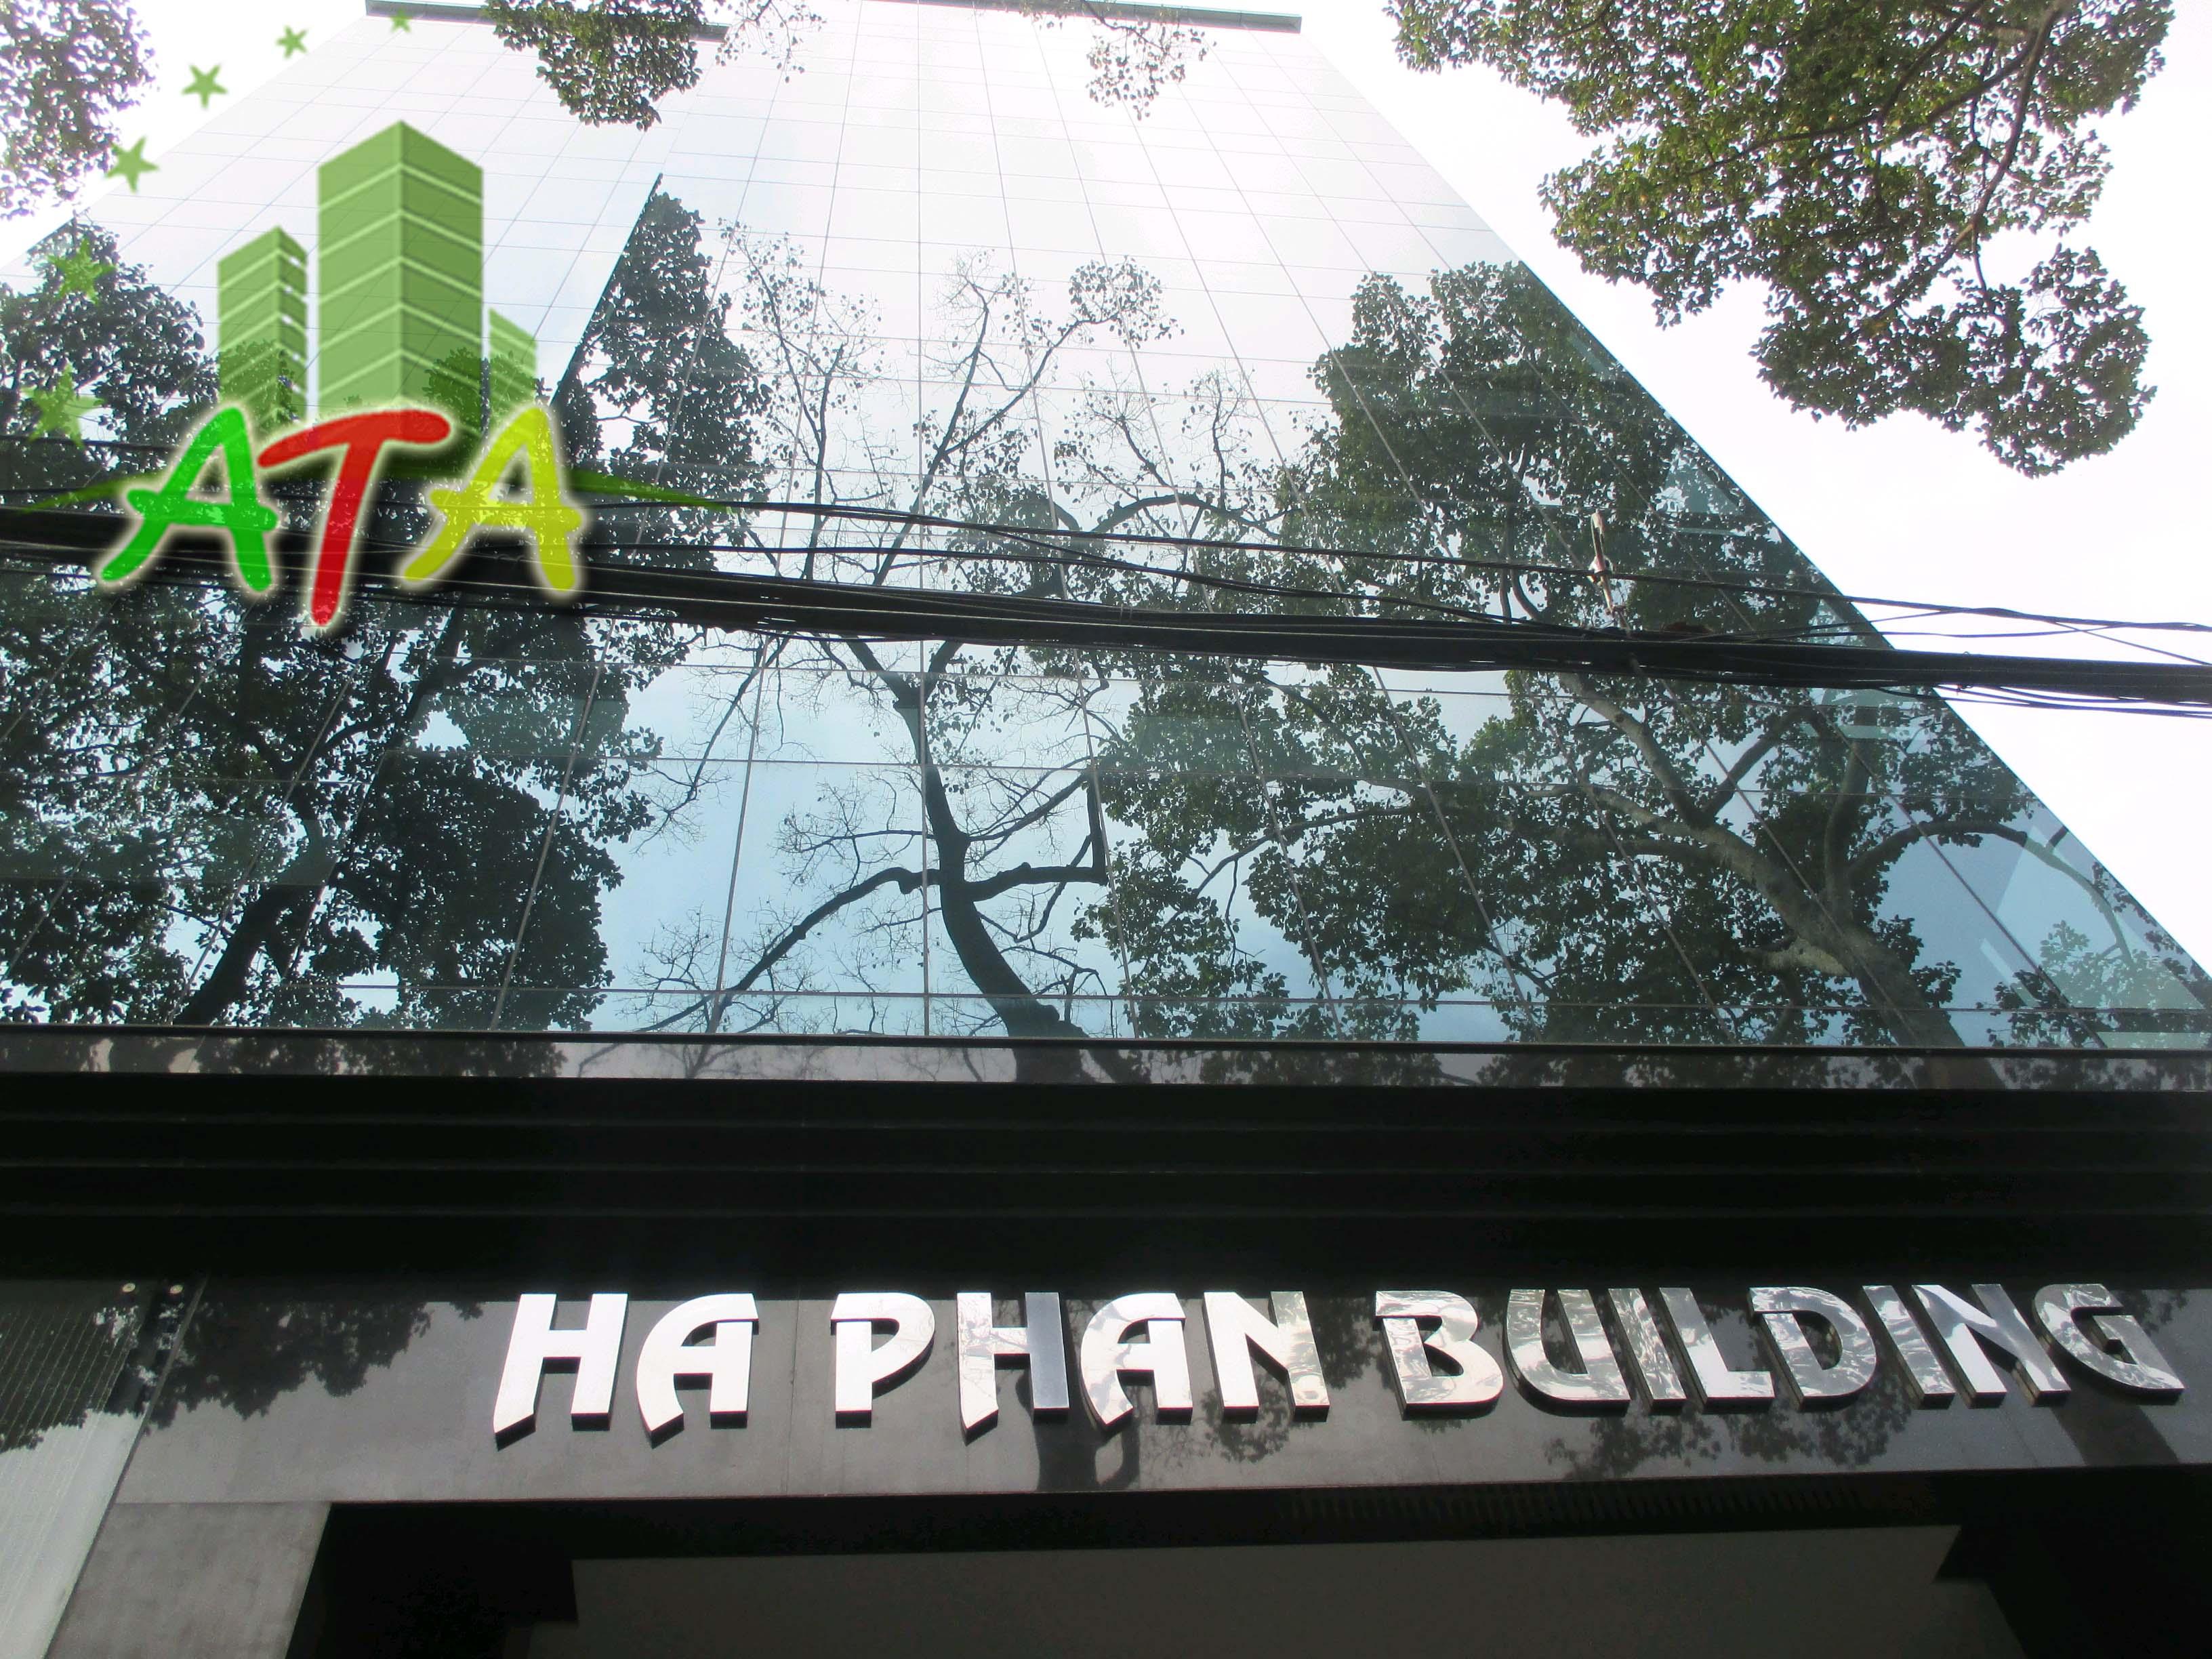 Văn phòng cho thuê Hà Phan Building, đường Phan Xích Long, quận Phú Nhuận